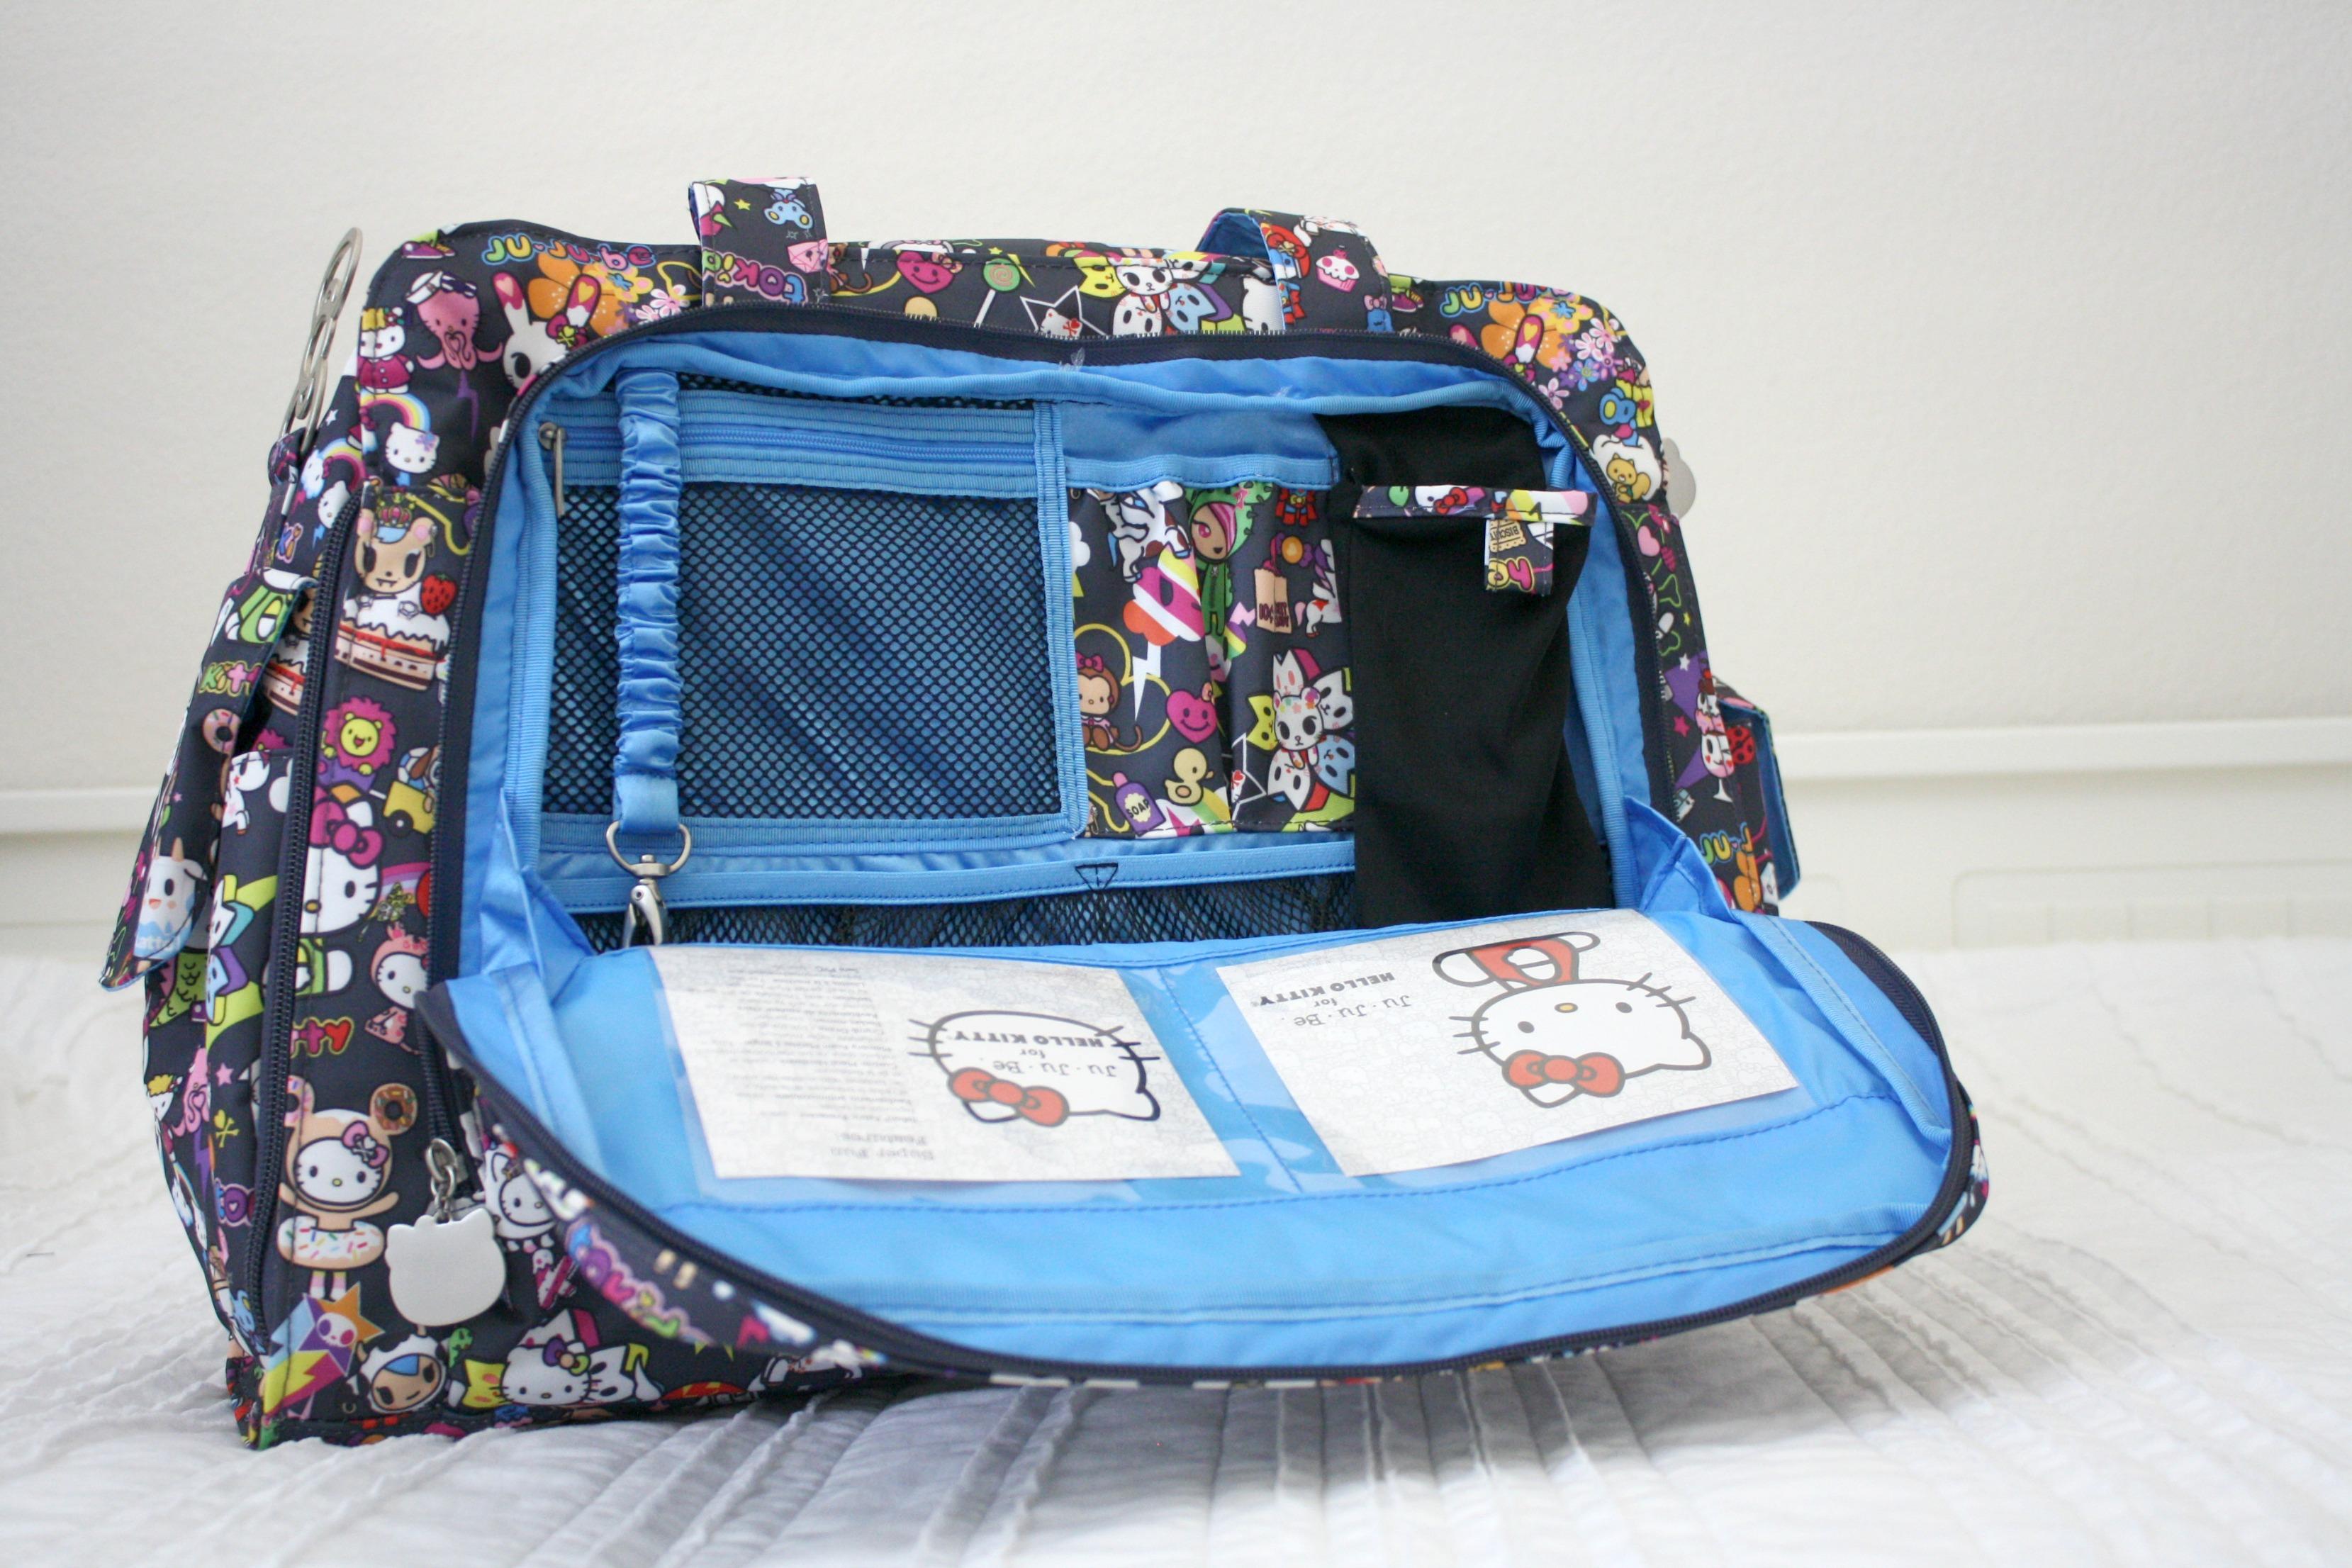 Tokidoki Ju Be Prepared Diaper Bag Giveaway